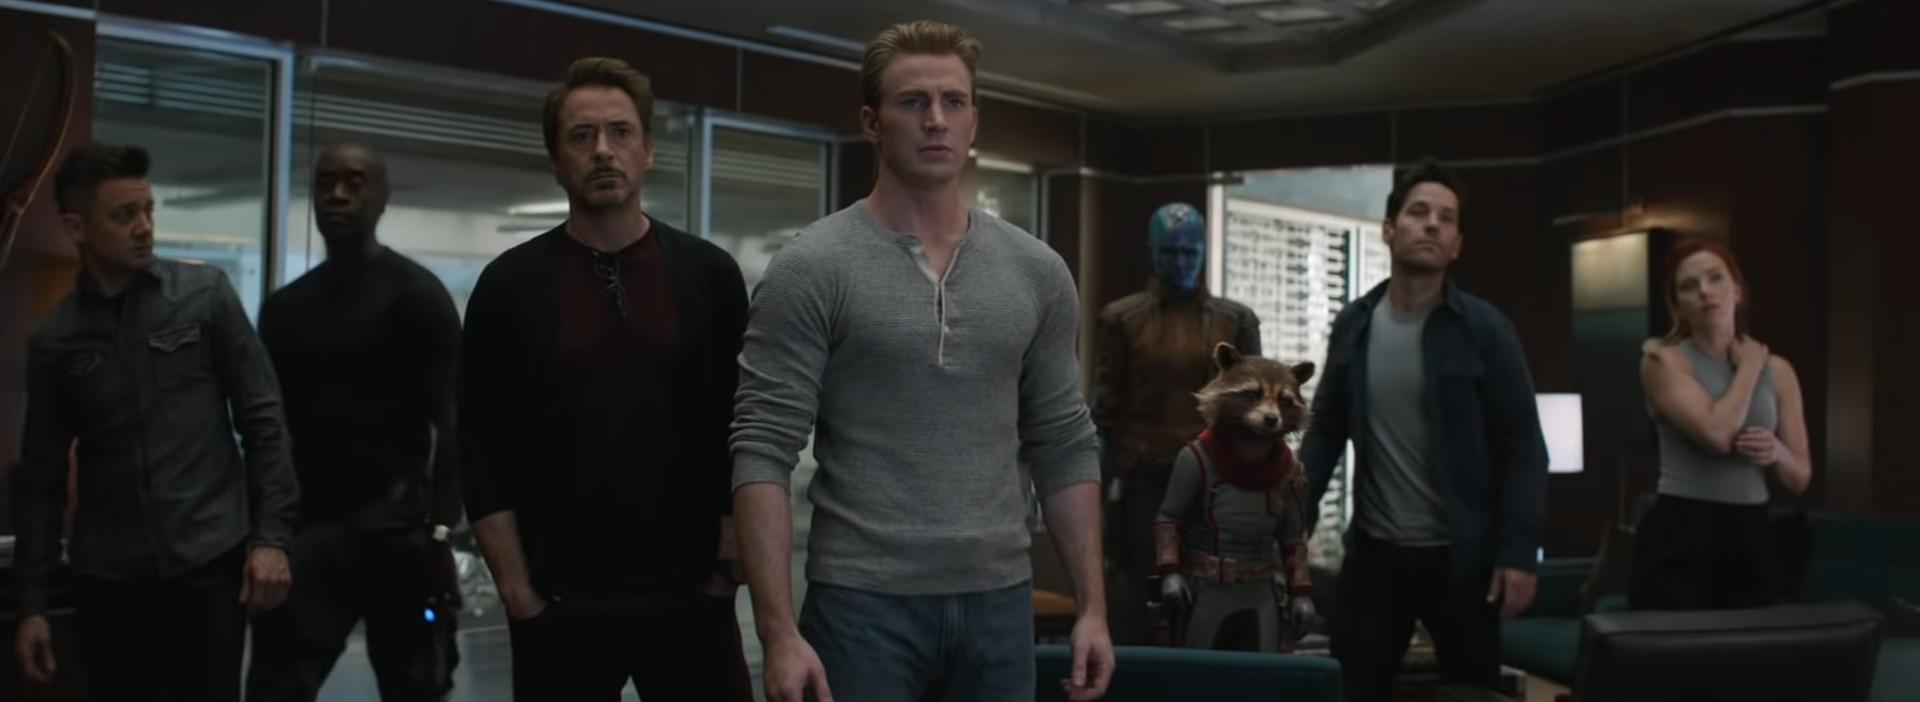 Avengers: Endgame. Image Credit: Marvel/Disney.